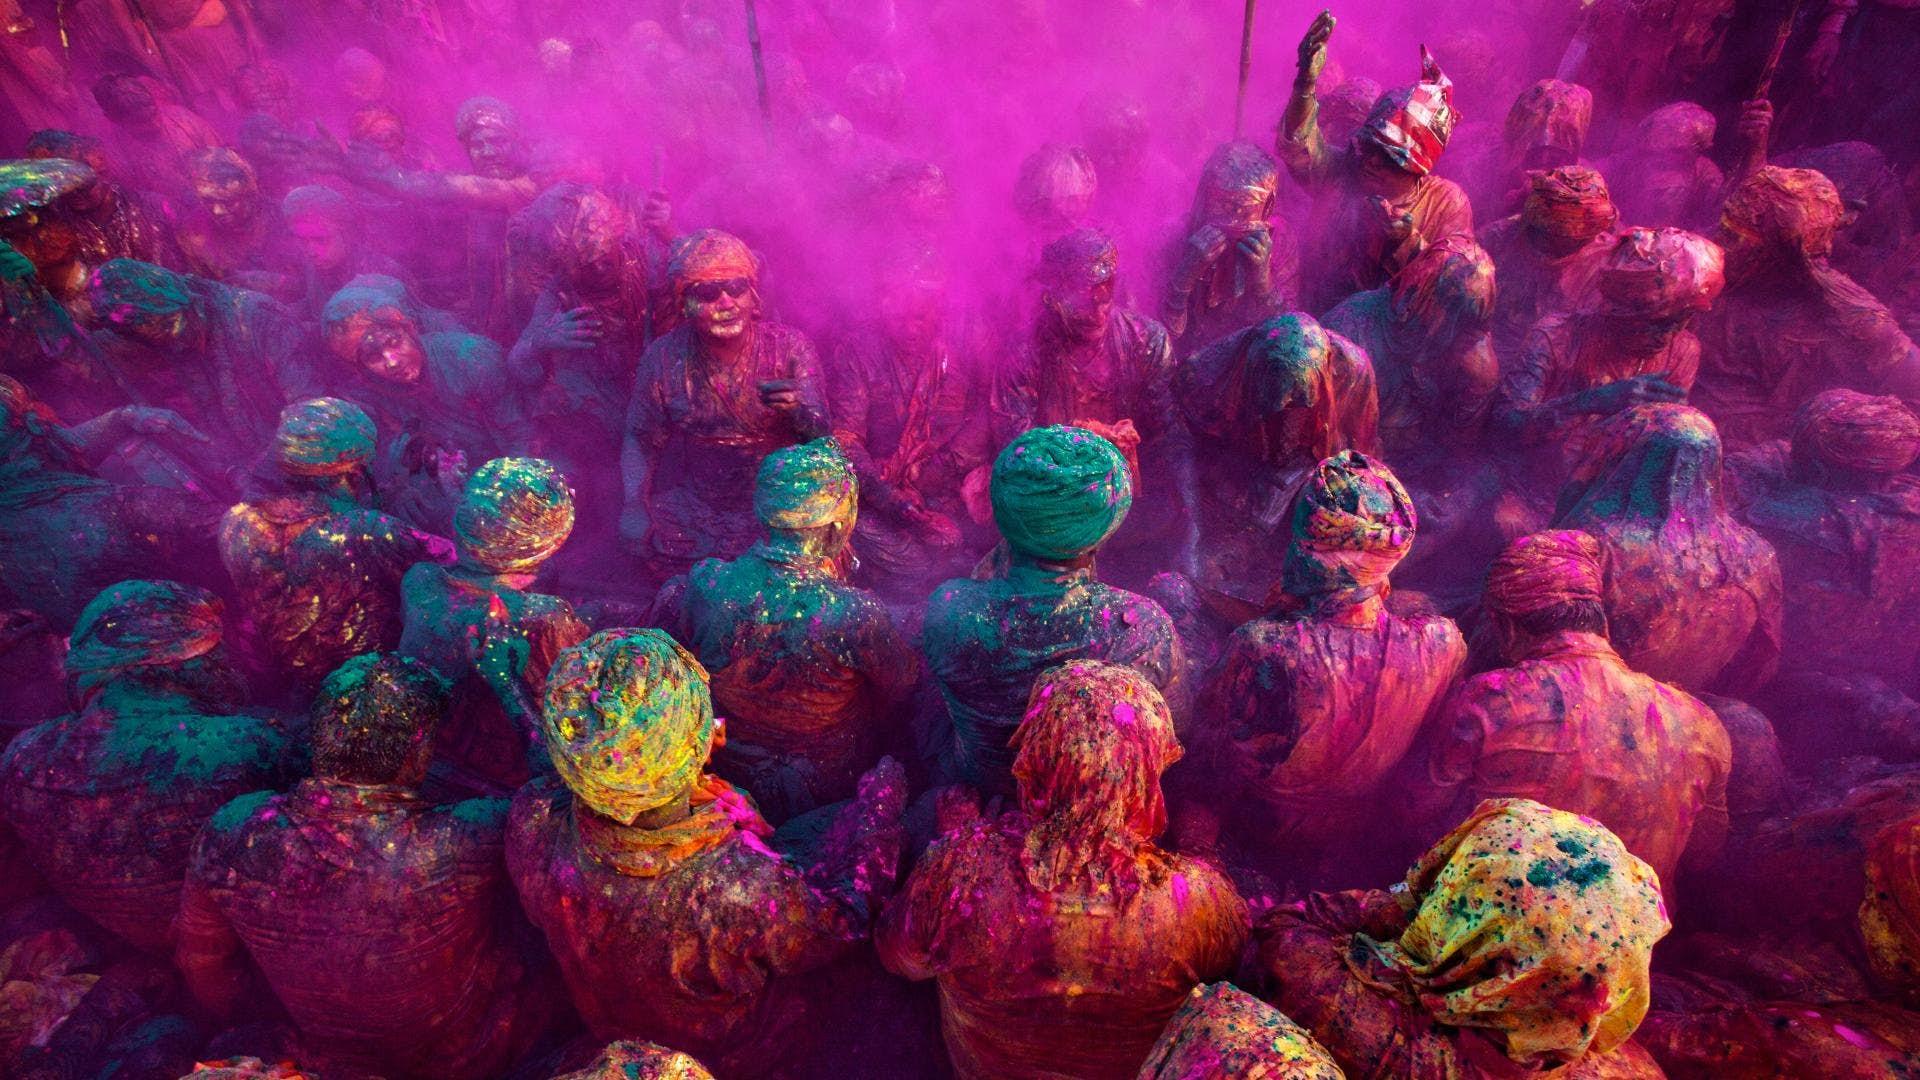 Holi Photo: India's Colourful Holi Festival